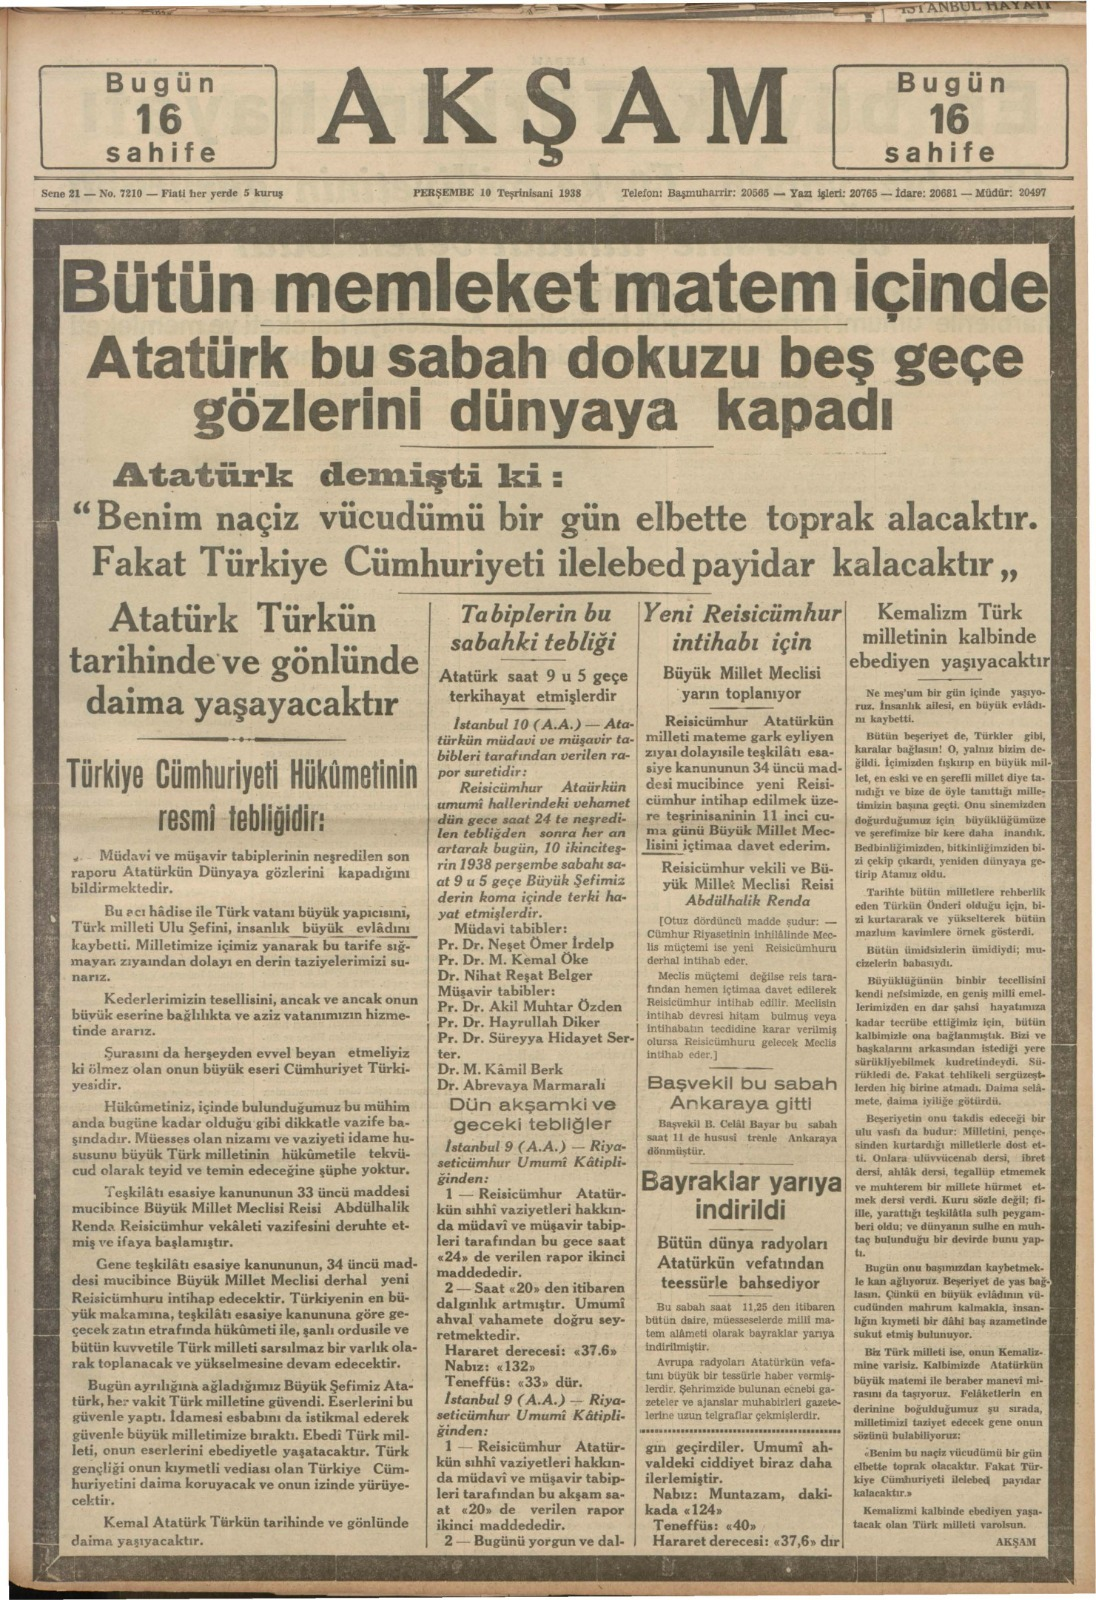 Tarihe ışık tutan arşiv: 1928-1942 yıllarından 18422 cilt gazete paylaşıma açıldı | Atlas | Gündem